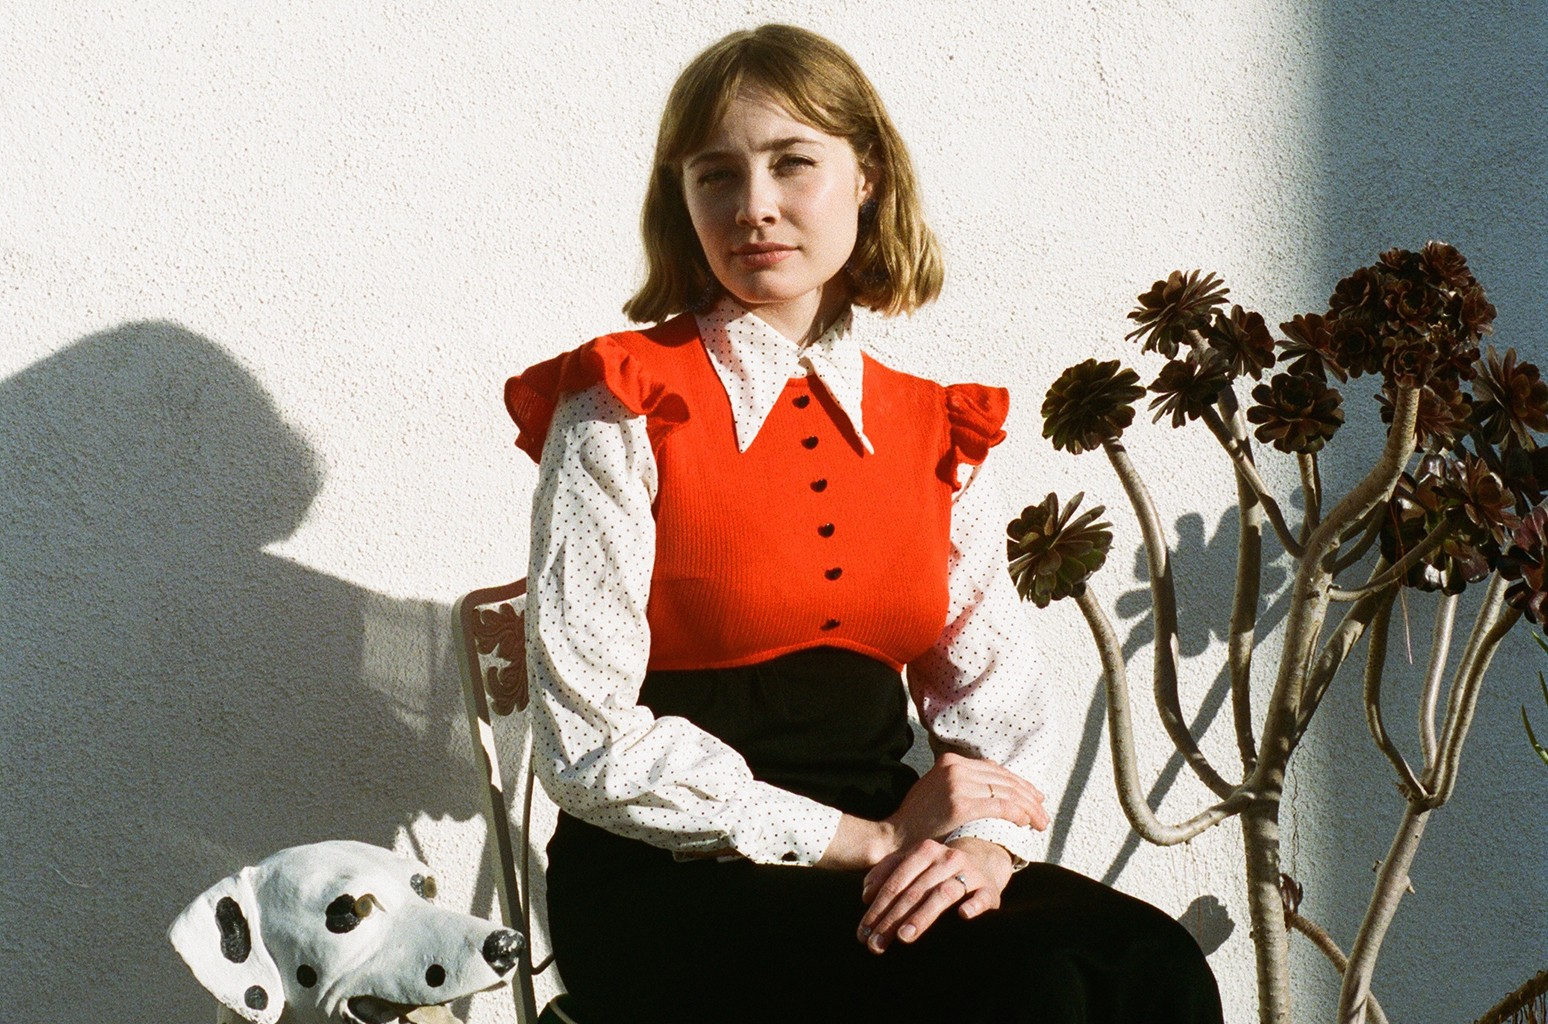 Alexandra Savior